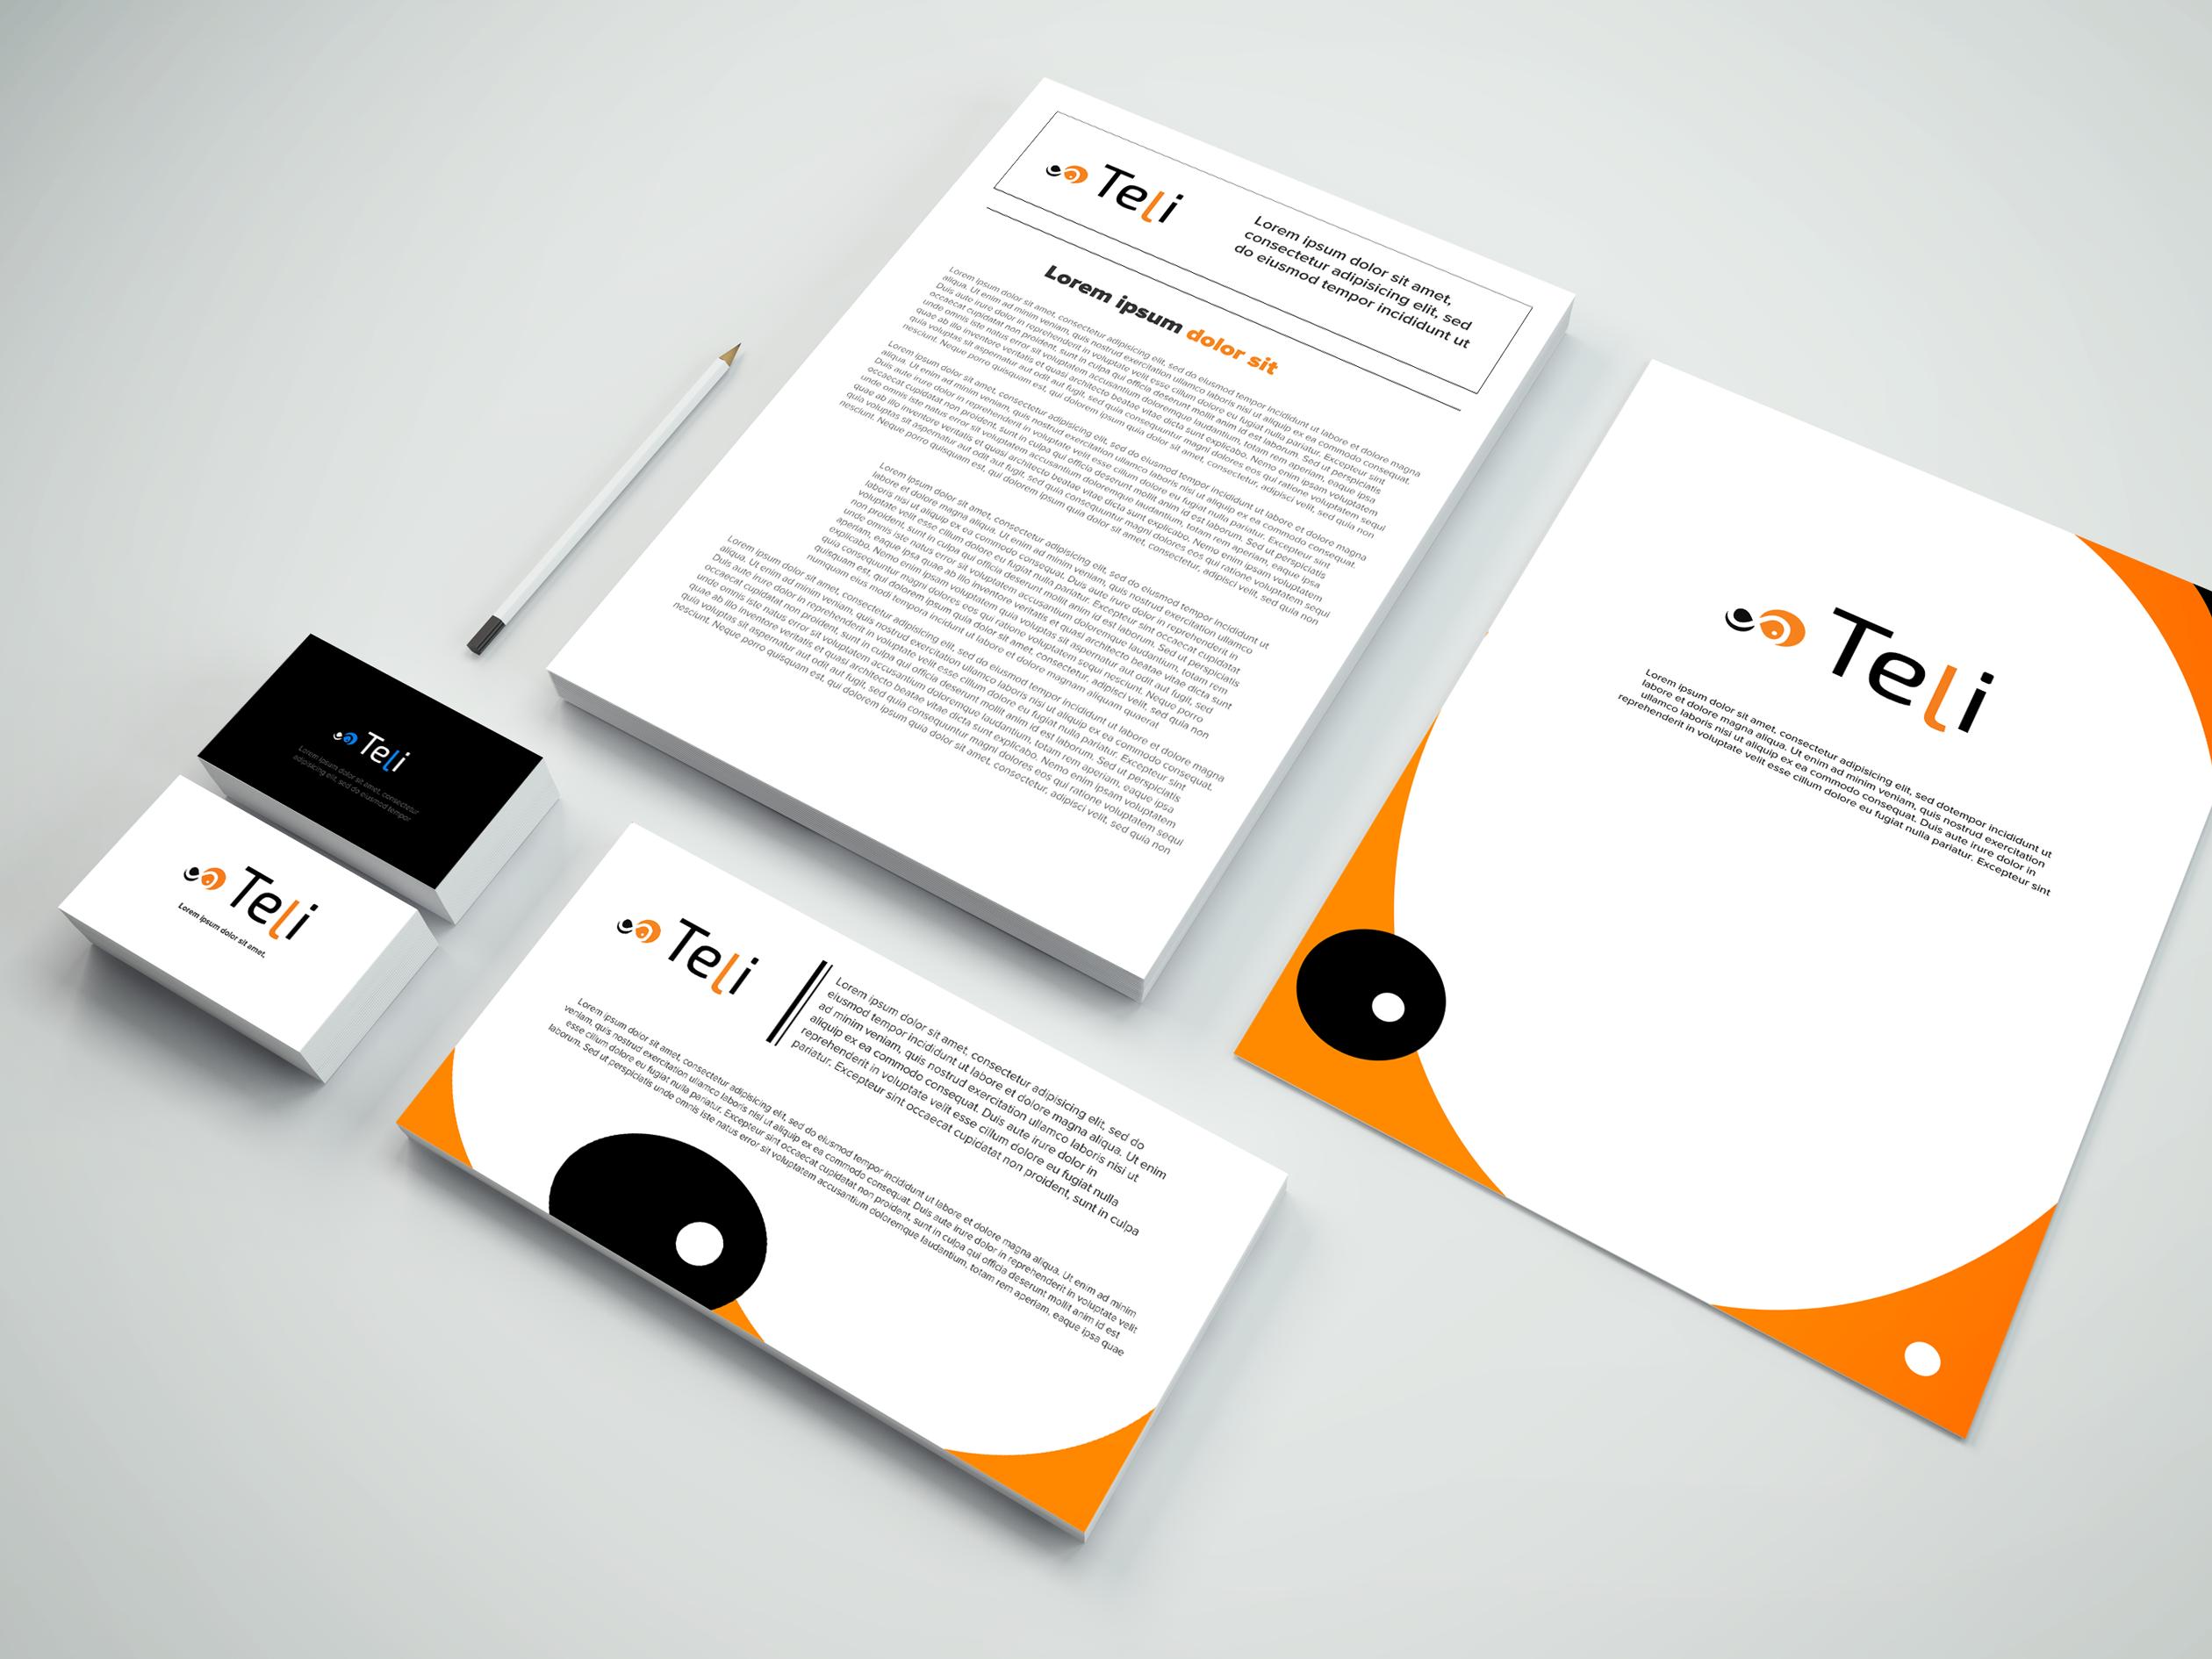 Разработка логотипа и фирменного стиля фото f_34158fe5d1163cee.png